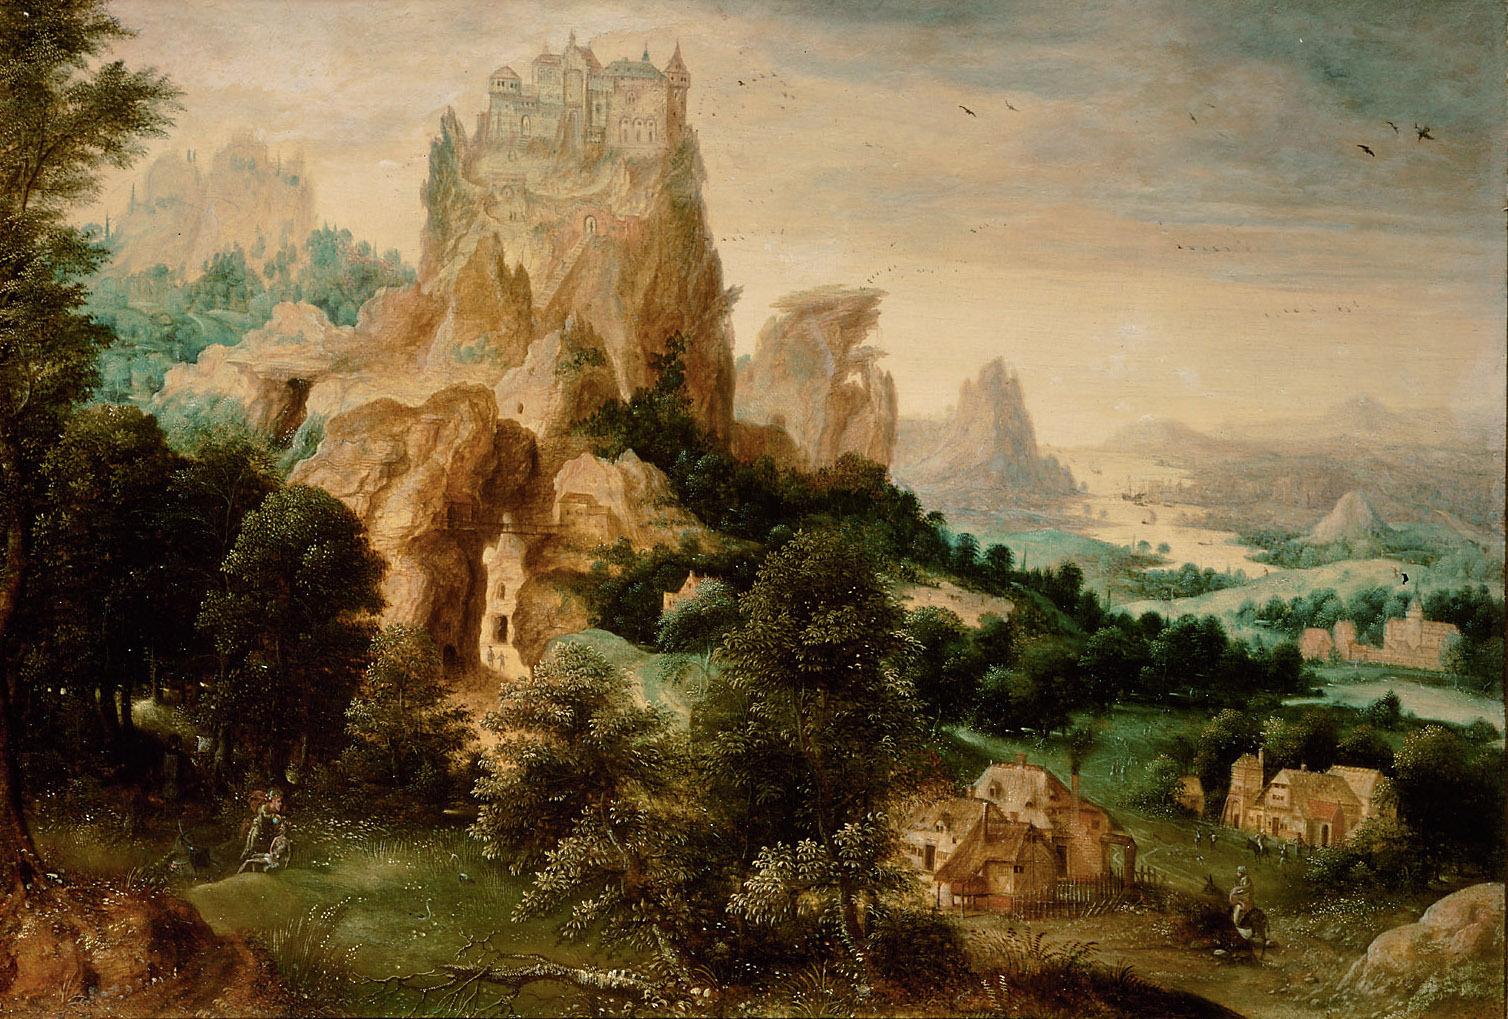 Landschaft mit dem Gleichnis vom Barmherzigen Samariter von Herri met de Bles